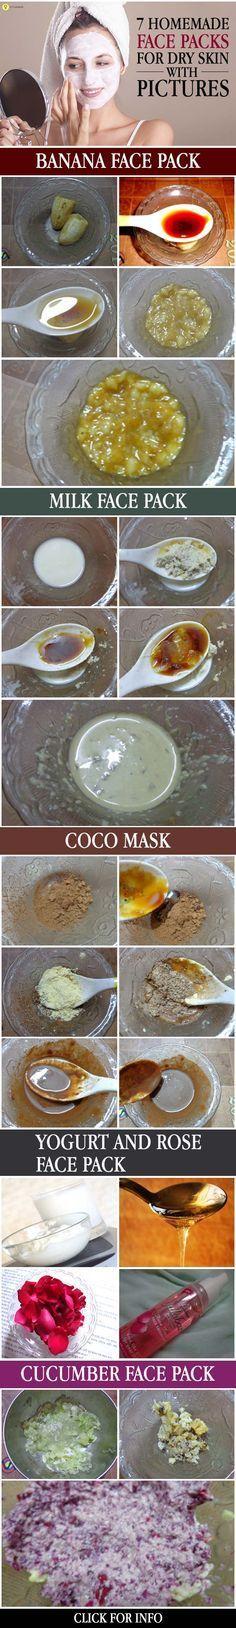 17 homemade face packs for dry skin dry skin face and homemade 17 homemade face packs for dry skin solutioingenieria Images